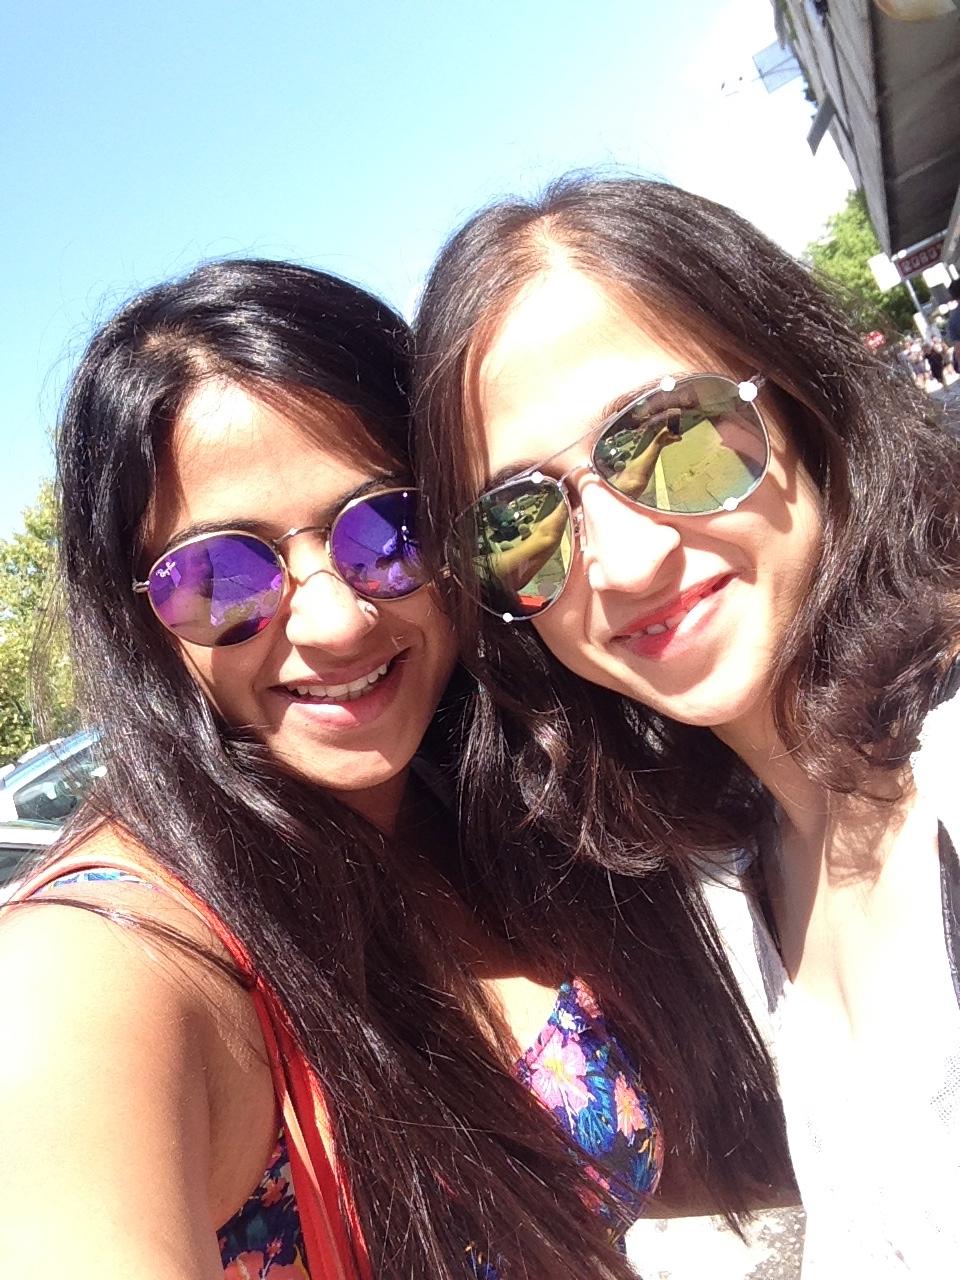 Sisters colour shades Croatia sunny